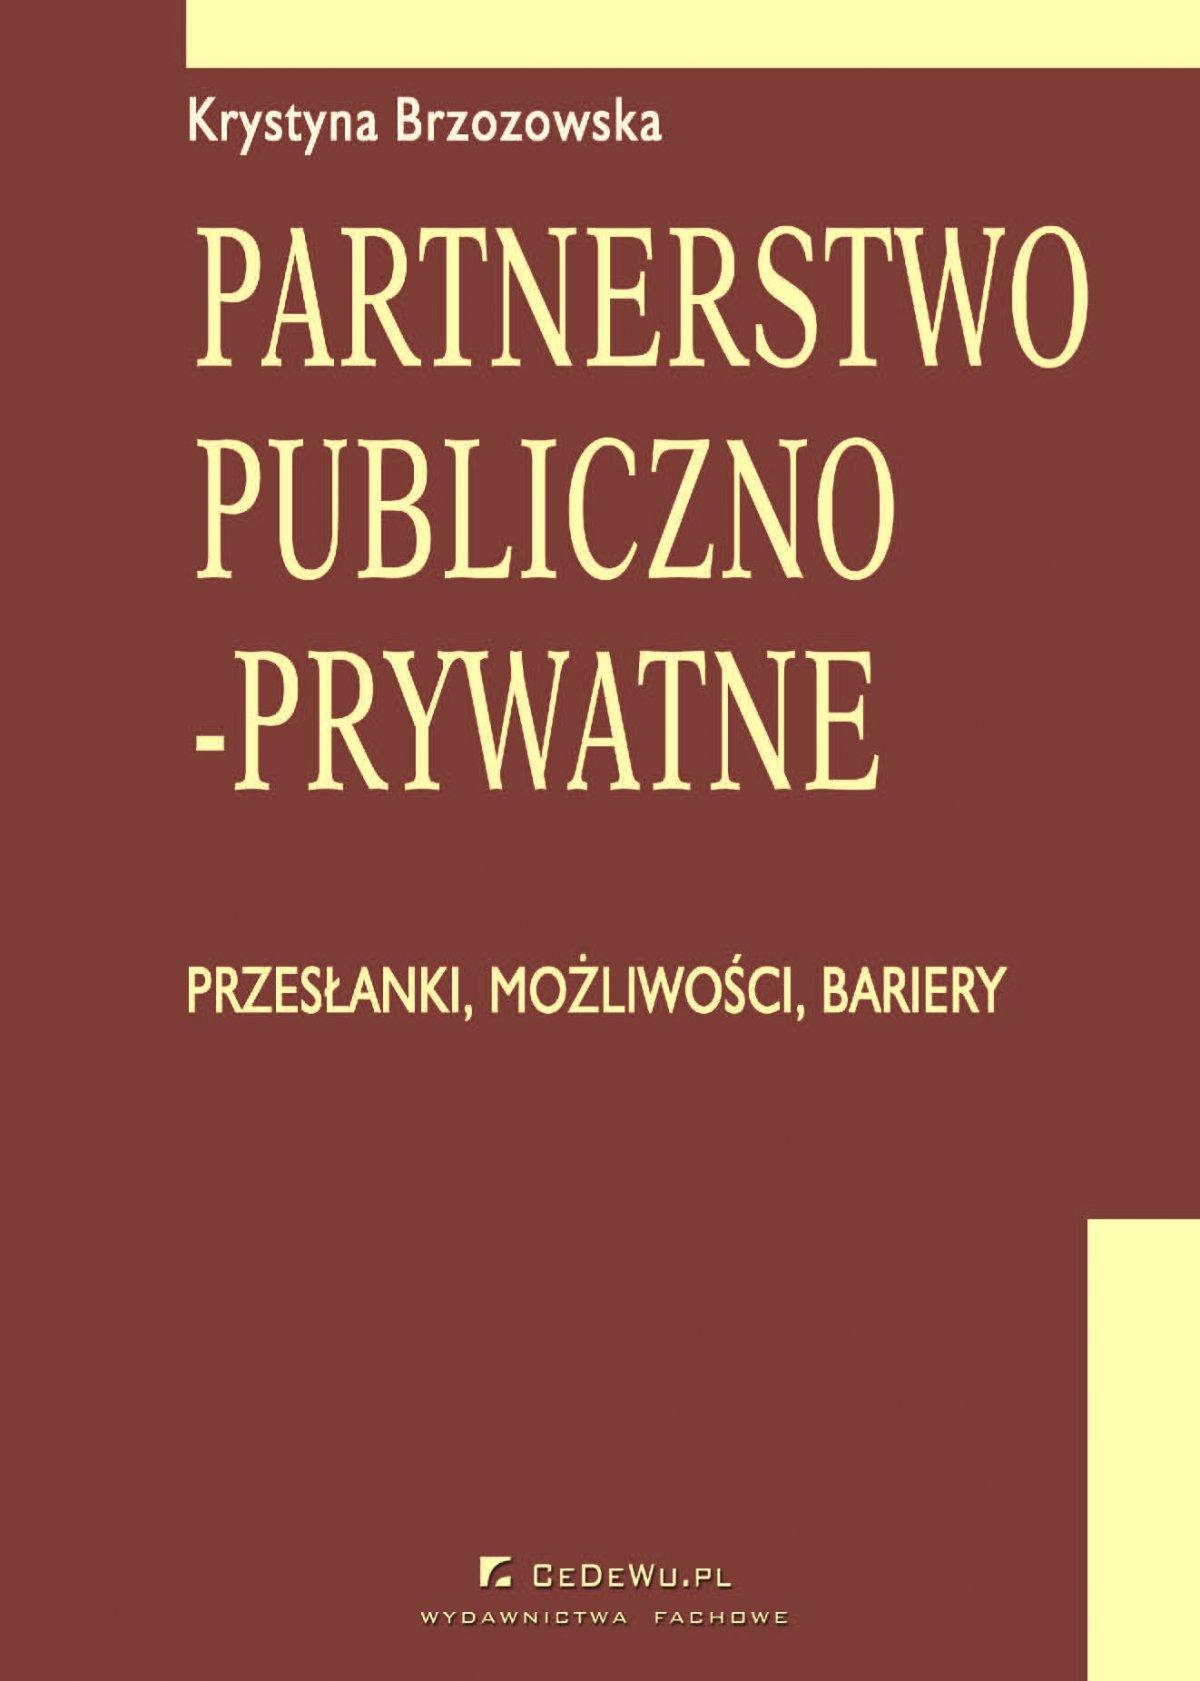 Partnerstwo publiczno-prywatne. Przesłanki, możliwości, bariery. Rozdział 9. Zabezpieczenia projektów partnerstwa publiczno-prywatnego - Ebook (Książka PDF) do pobrania w formacie PDF